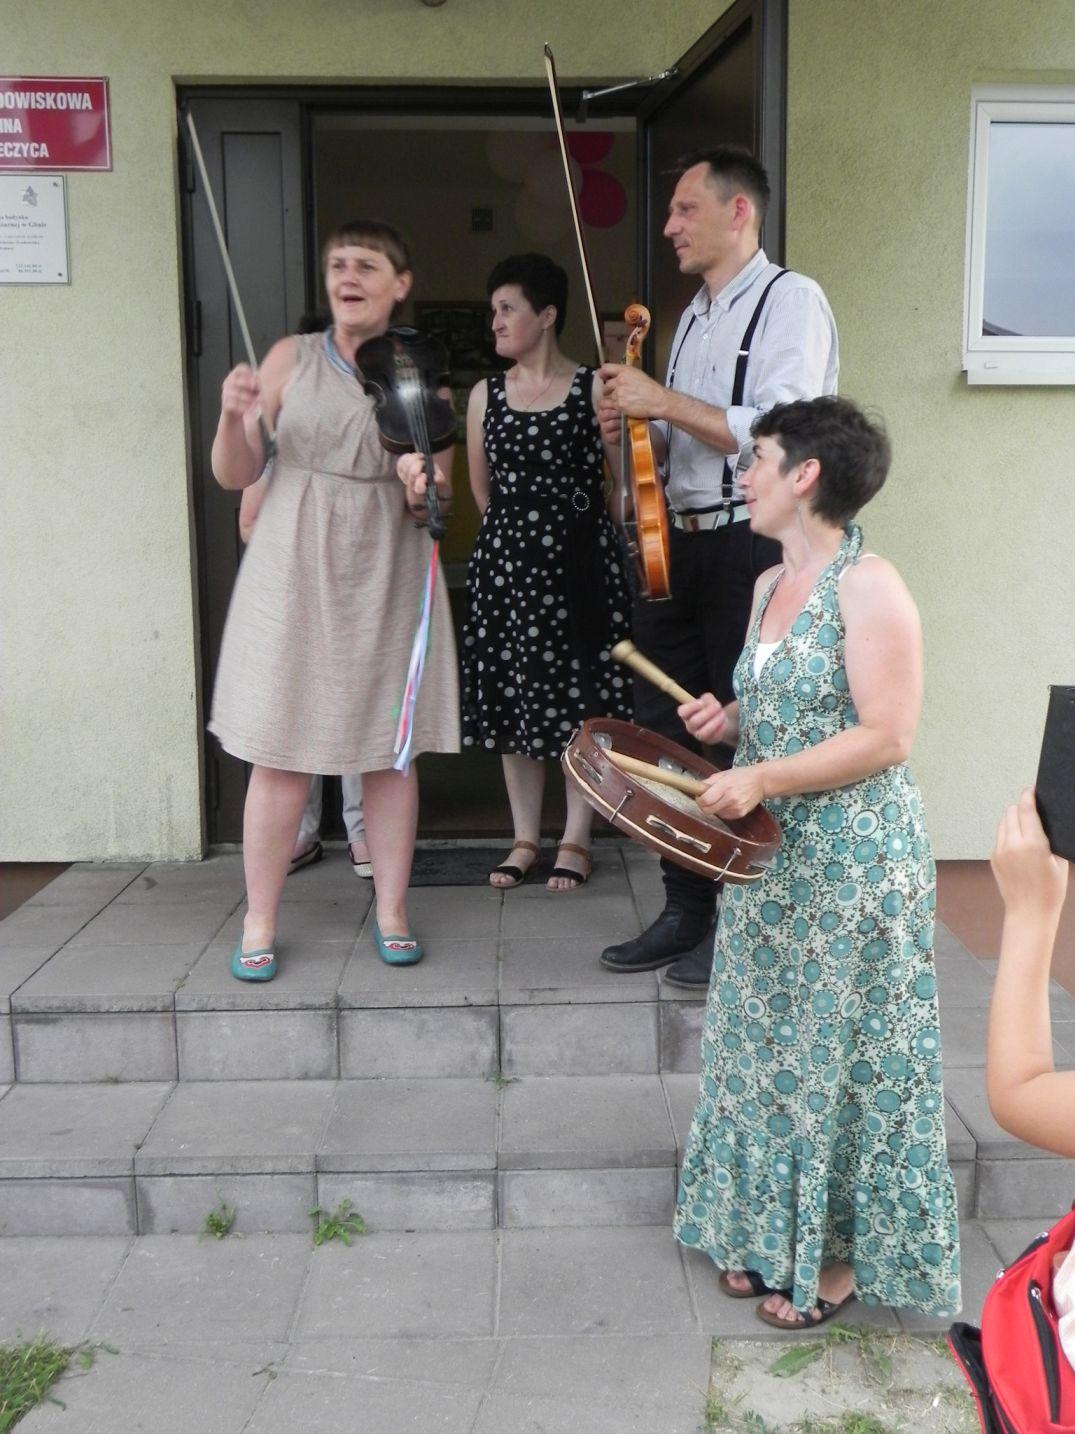 2016-07-31 Glina - Potańcówka (10)